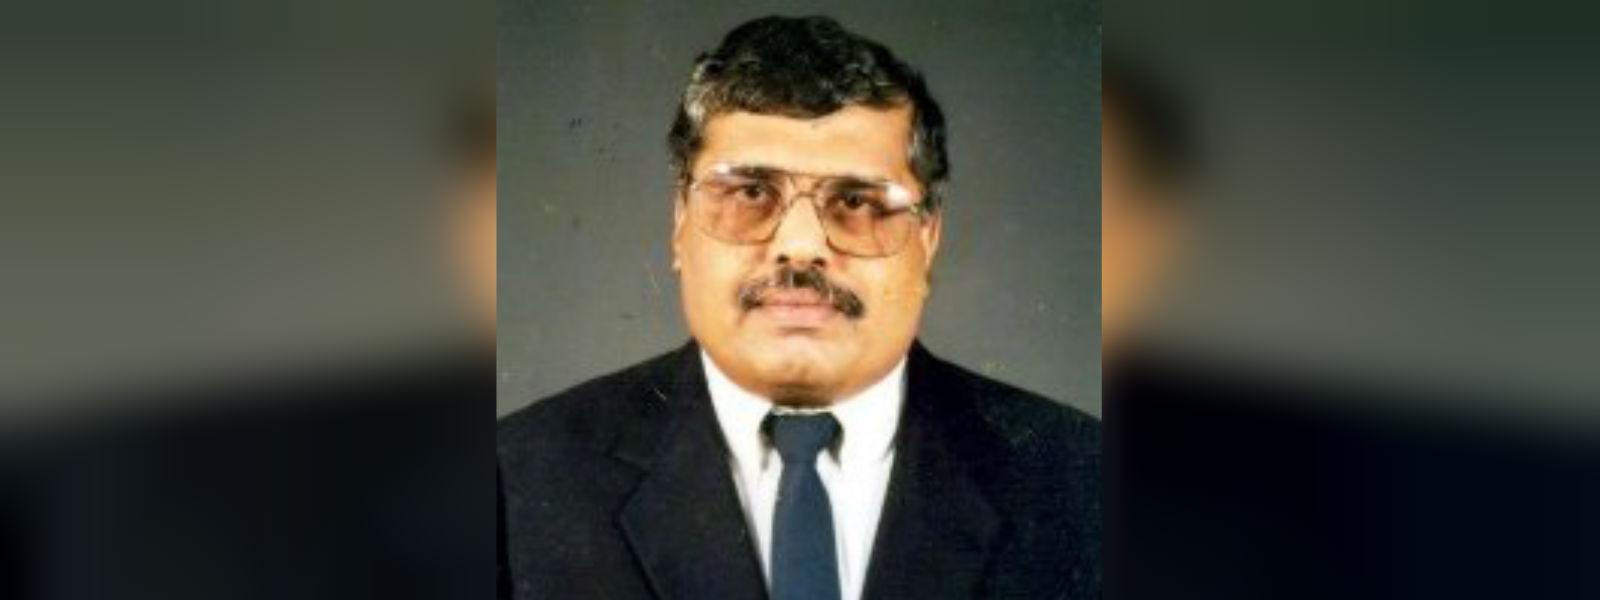 Professor Ananda Samarasekara ordered to be arrested